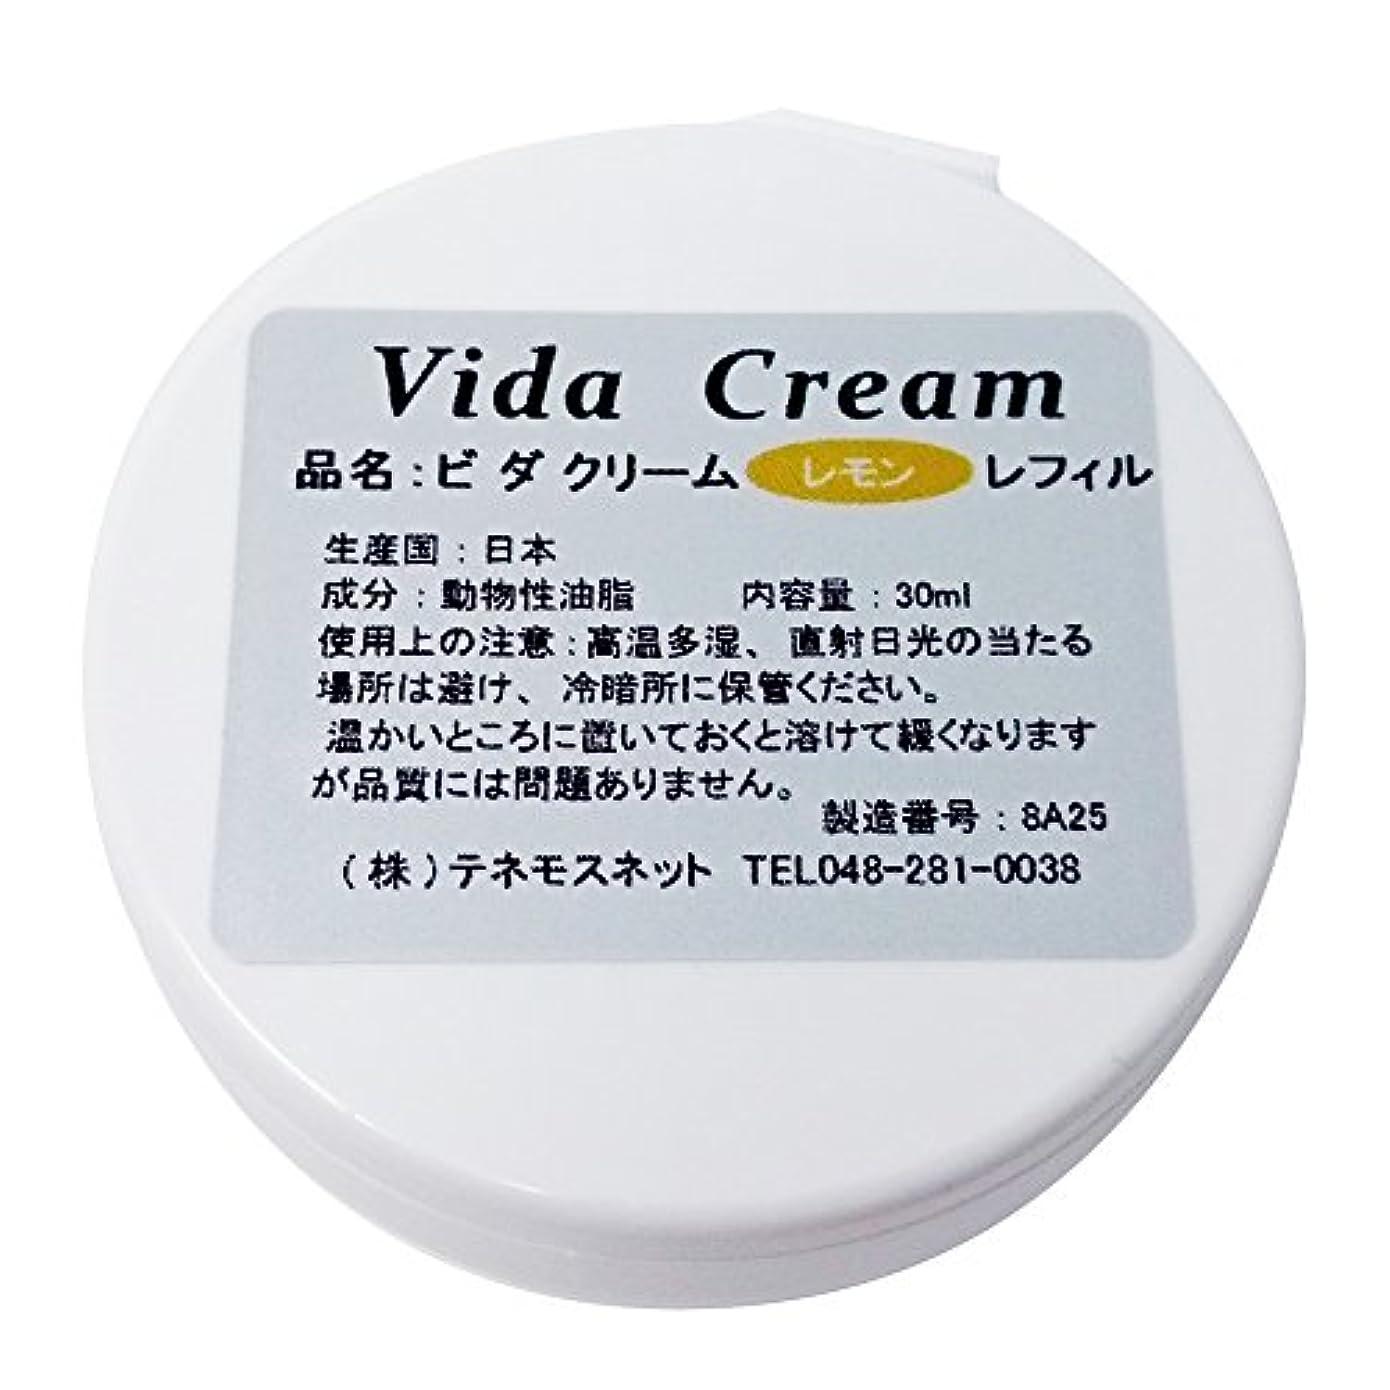 脱臼するブラスト作成者テネモス ビダクリーム Vida Cream ほのかレモン レフィル 付替用 30ml